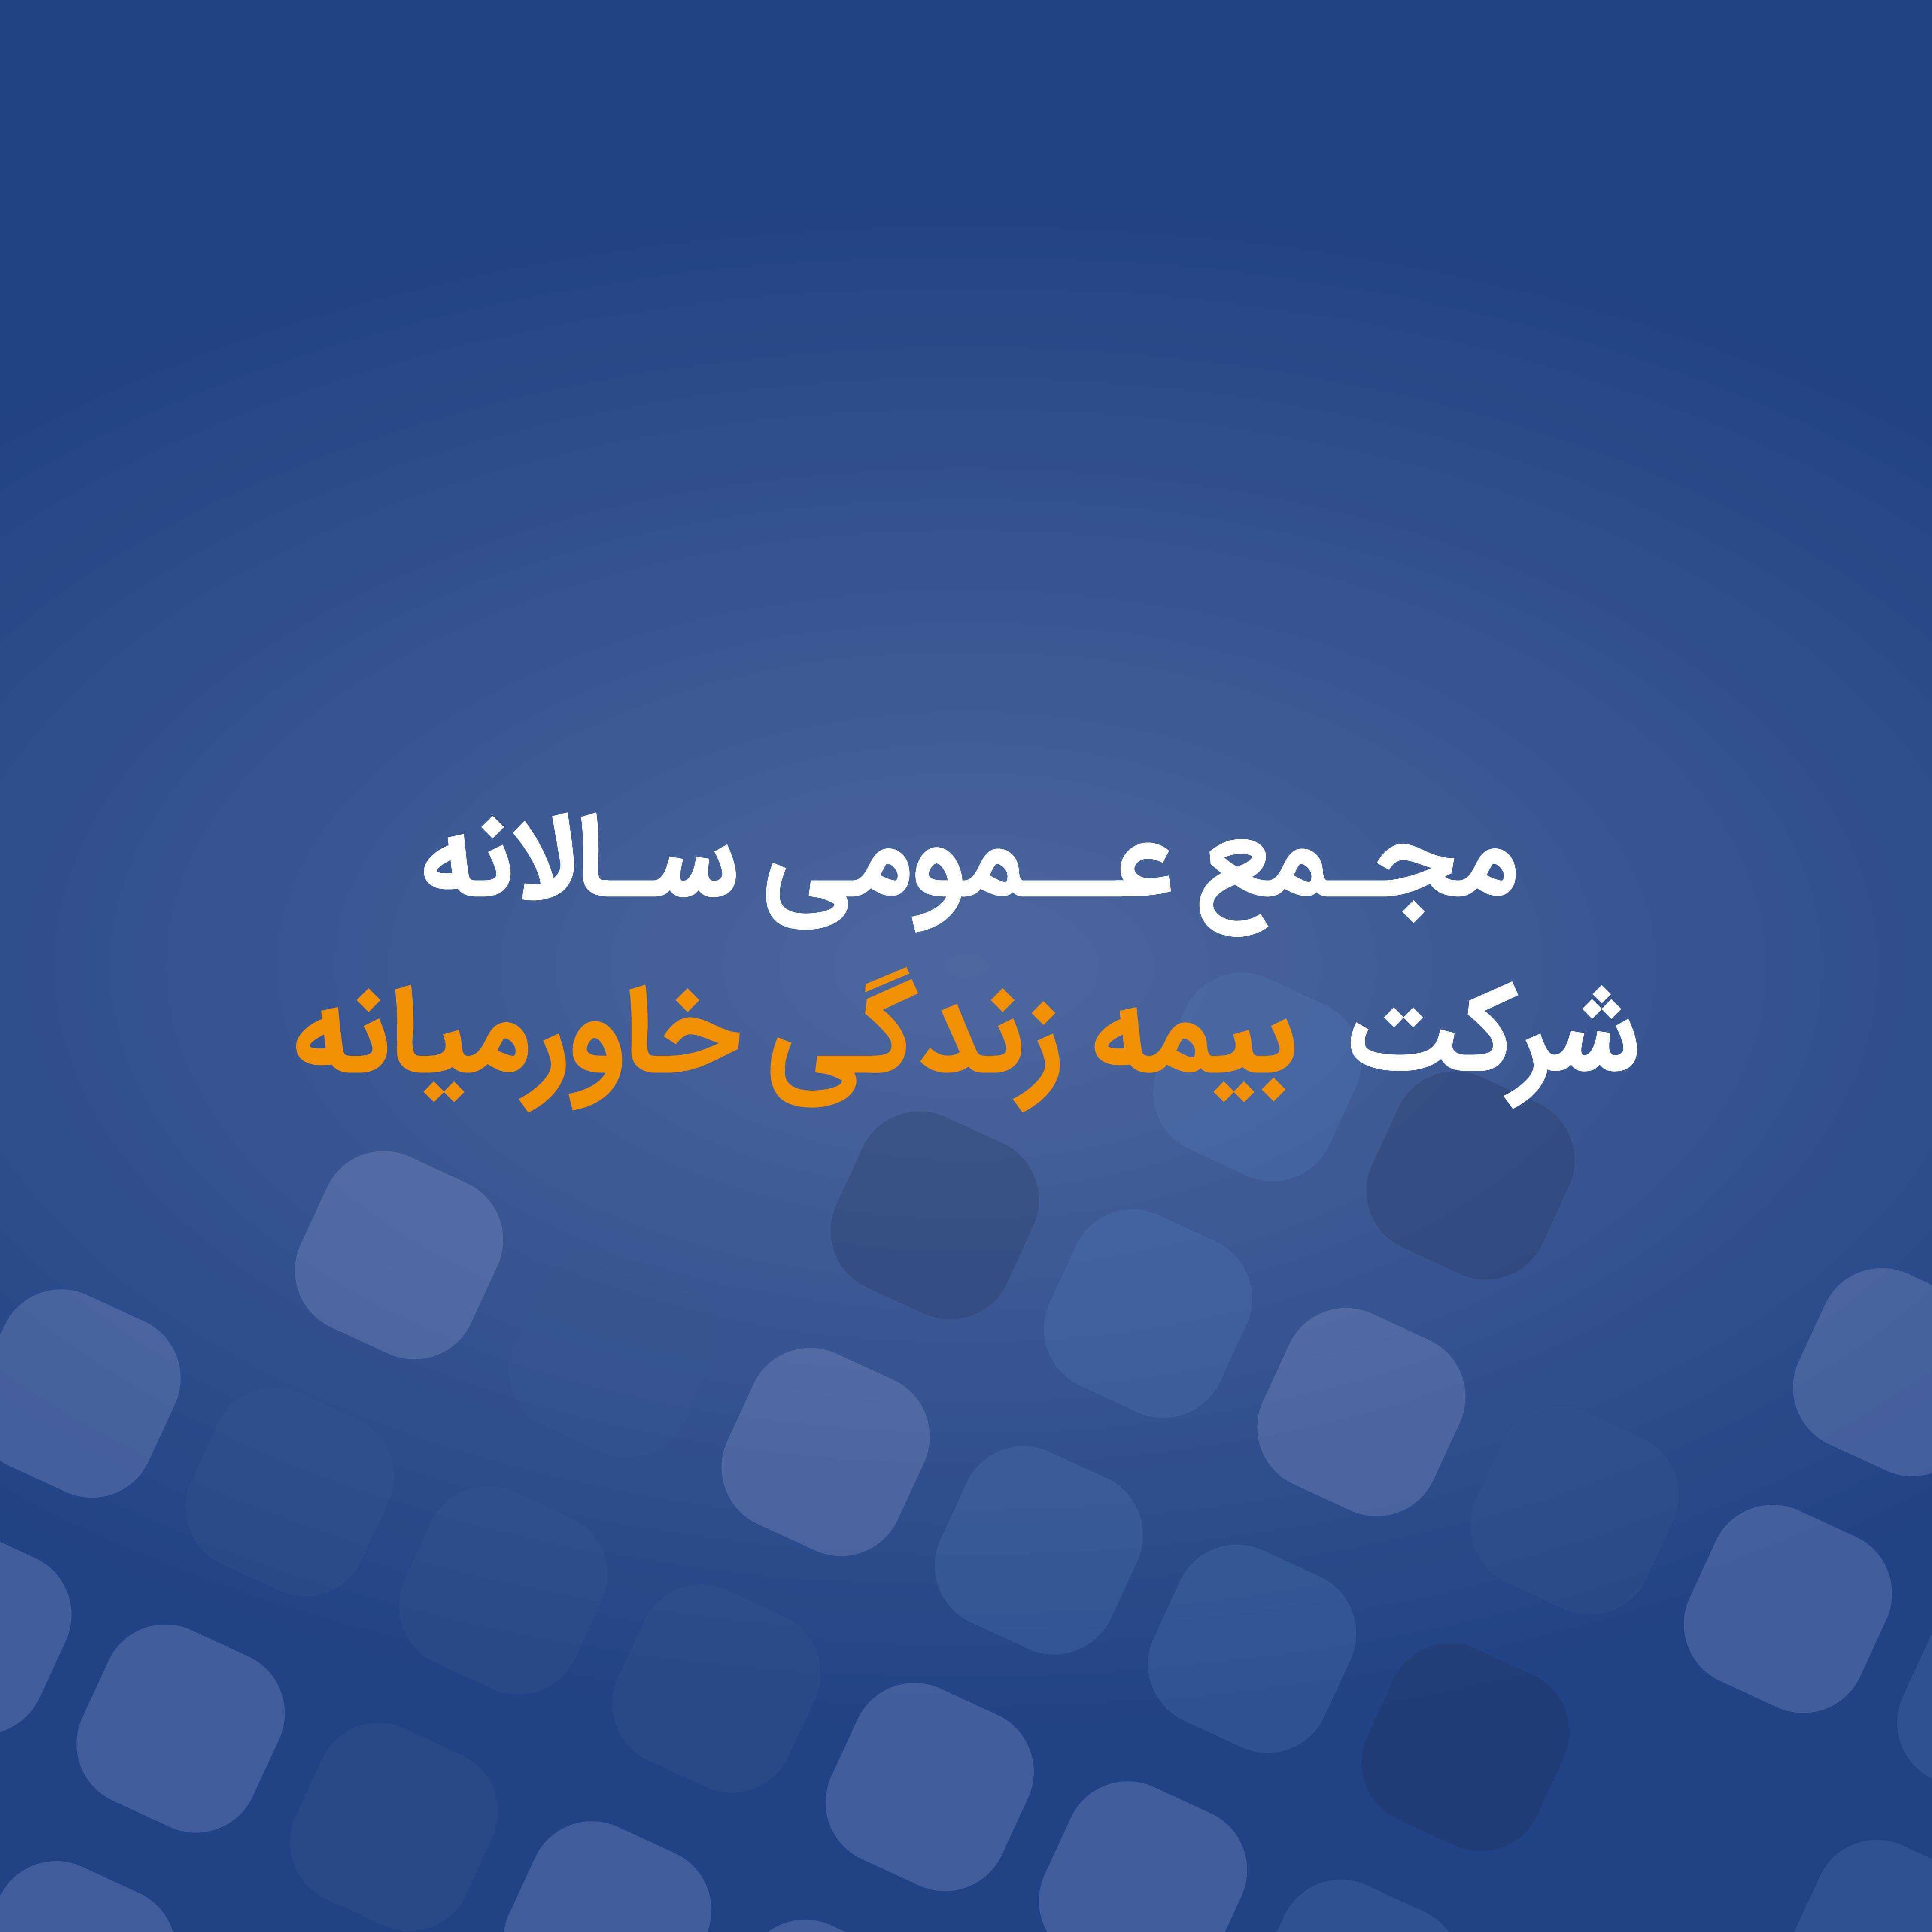 مجمع عمومی عادی سالانه، عمومی فوقالعاده و عادی بهطور فوقالعاده بیمه زندگی خاورمیانه برگزار میشود